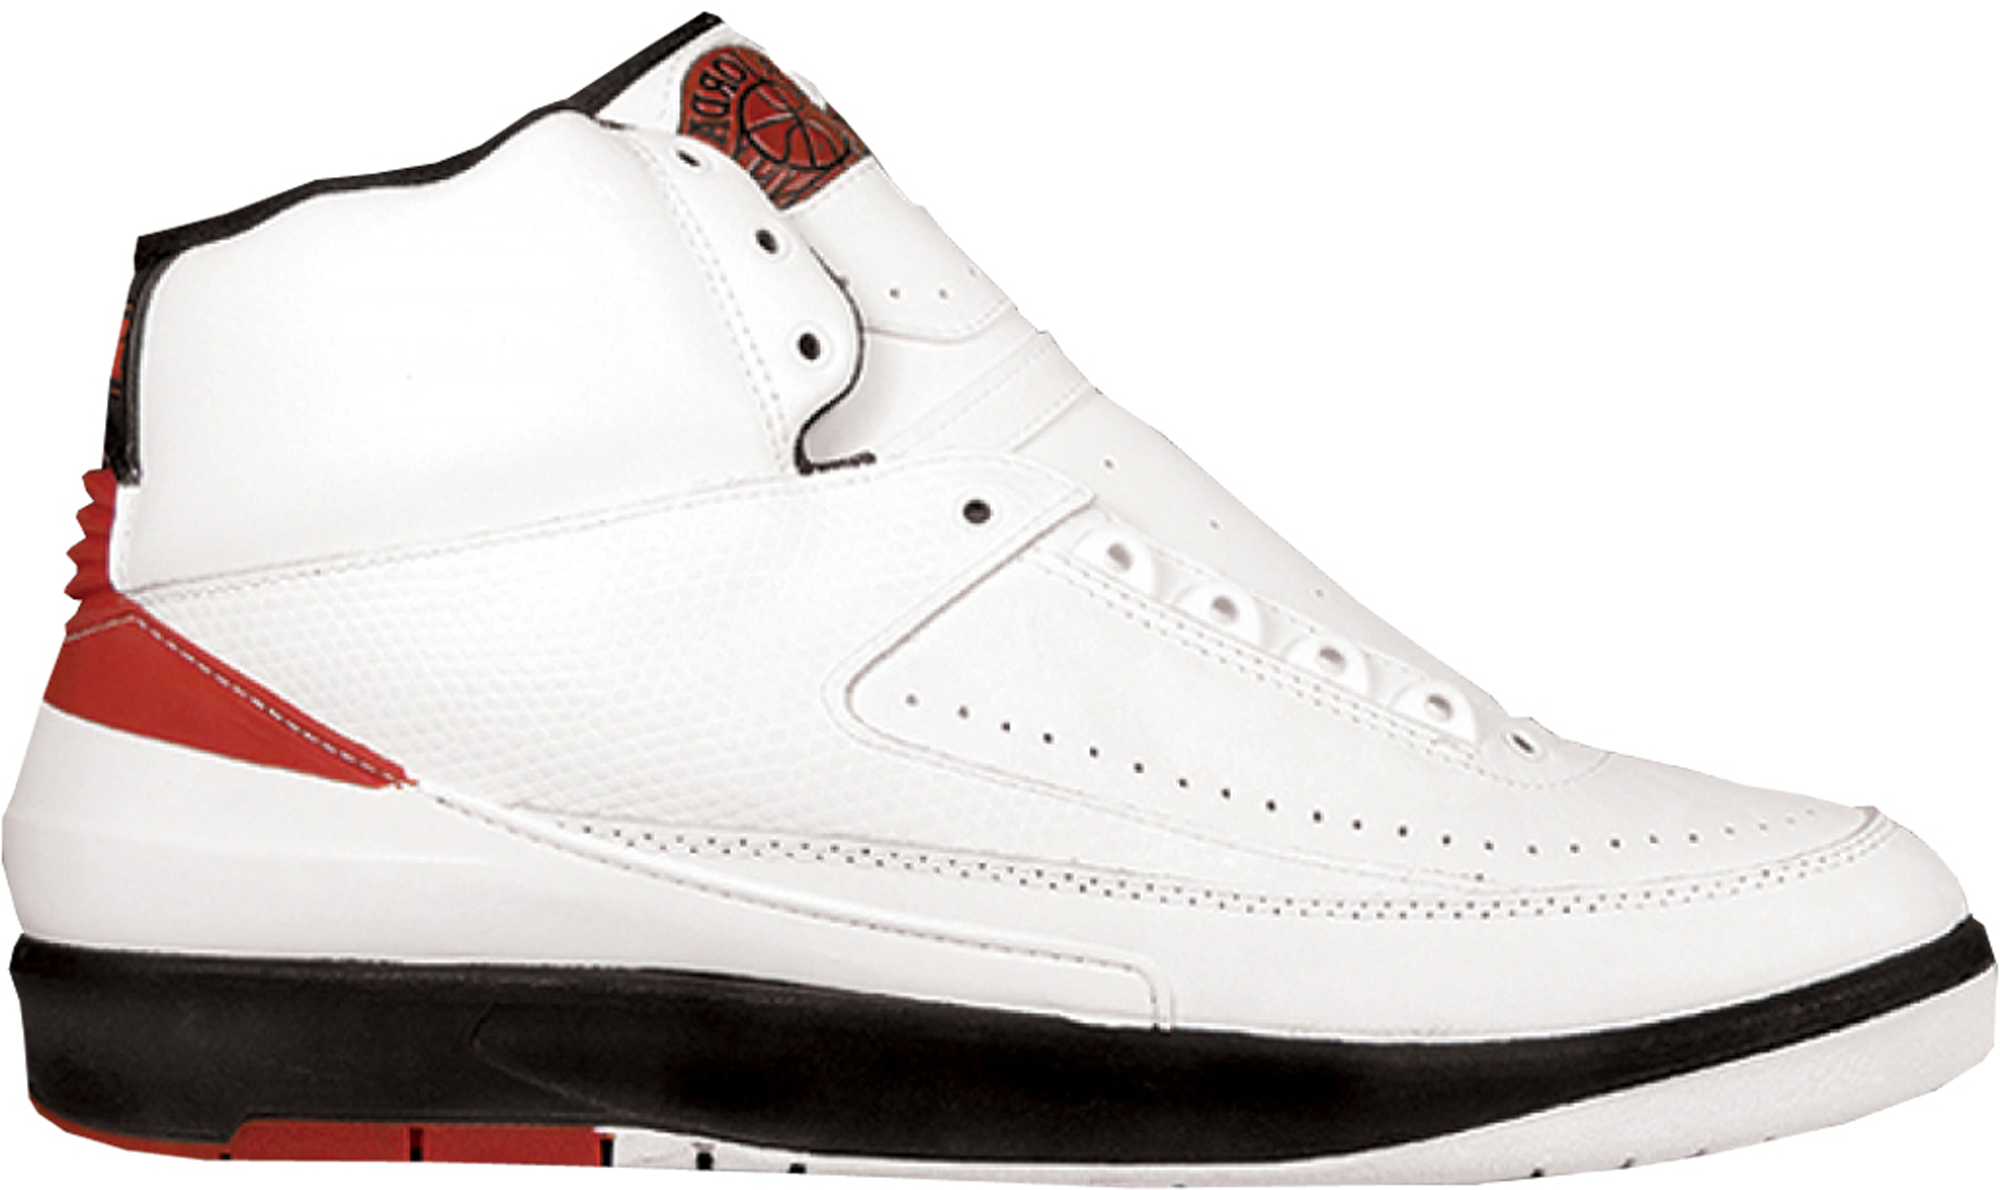 Jordan 2 Retro Chicago 1994 - 130235-161